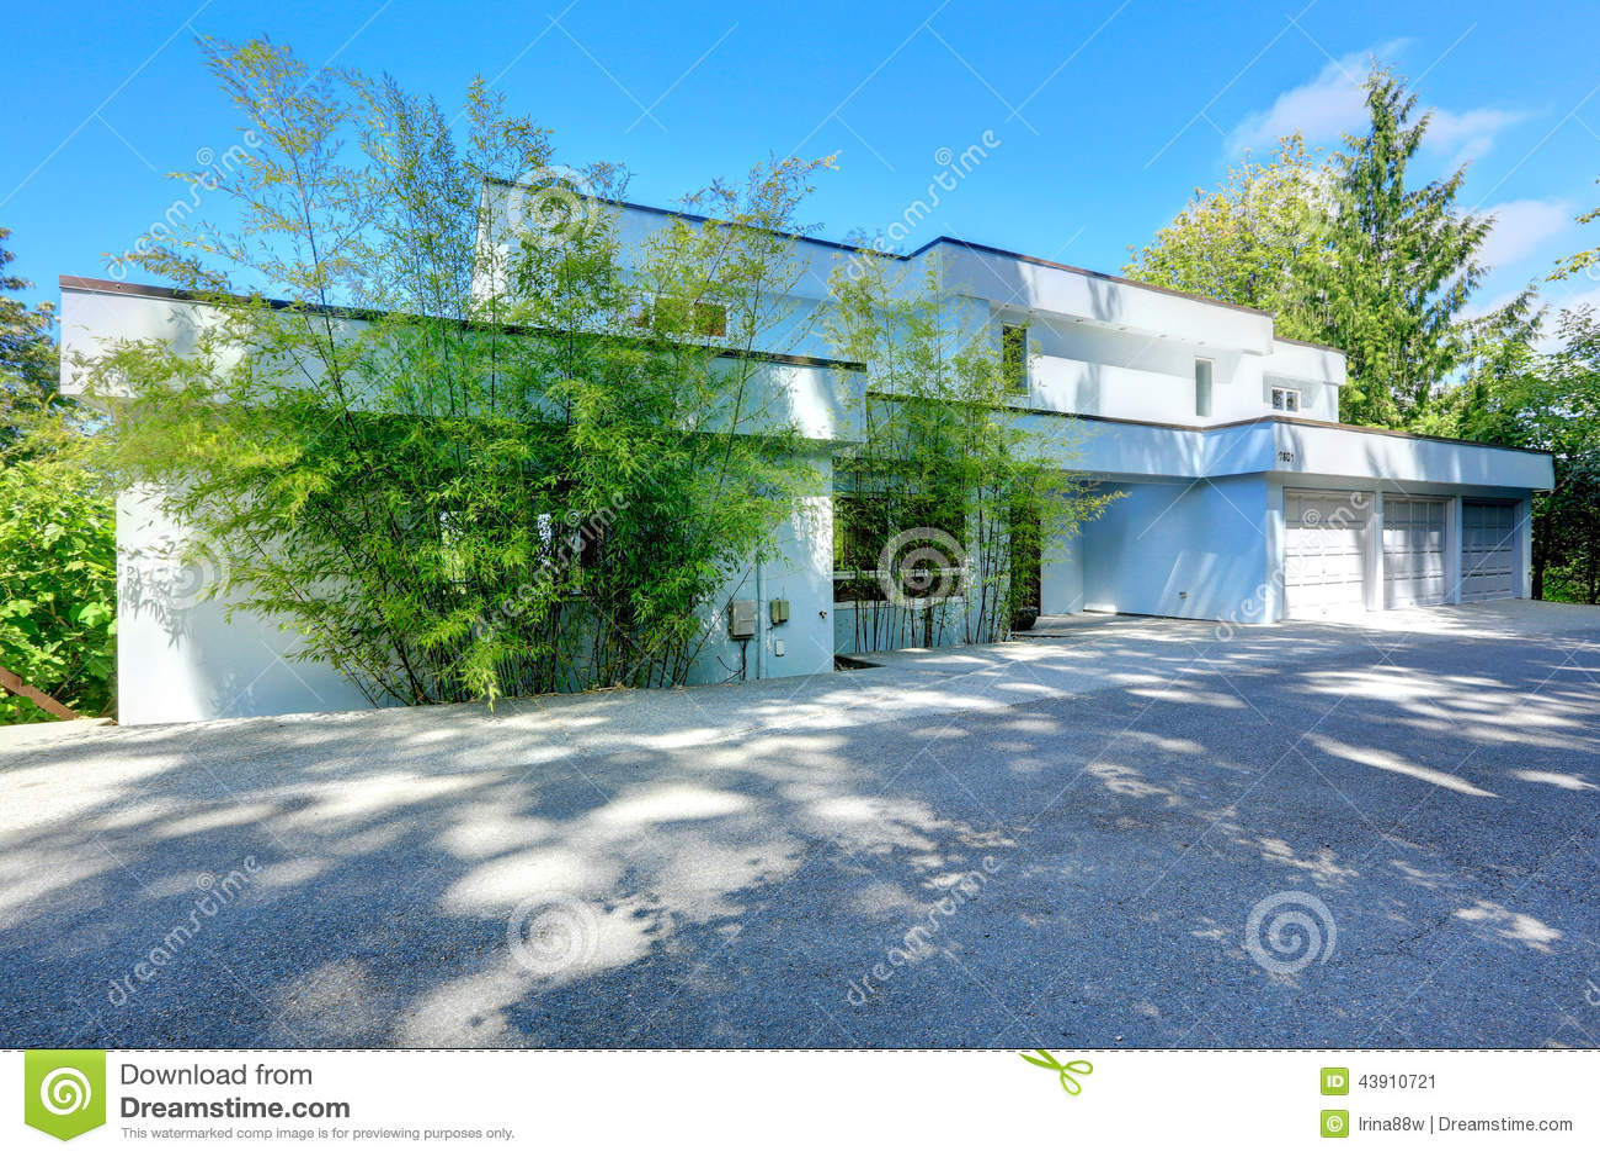 Modernes Haus Außen Mit Flachdach Stockbild - Bild von fahrstraße ...